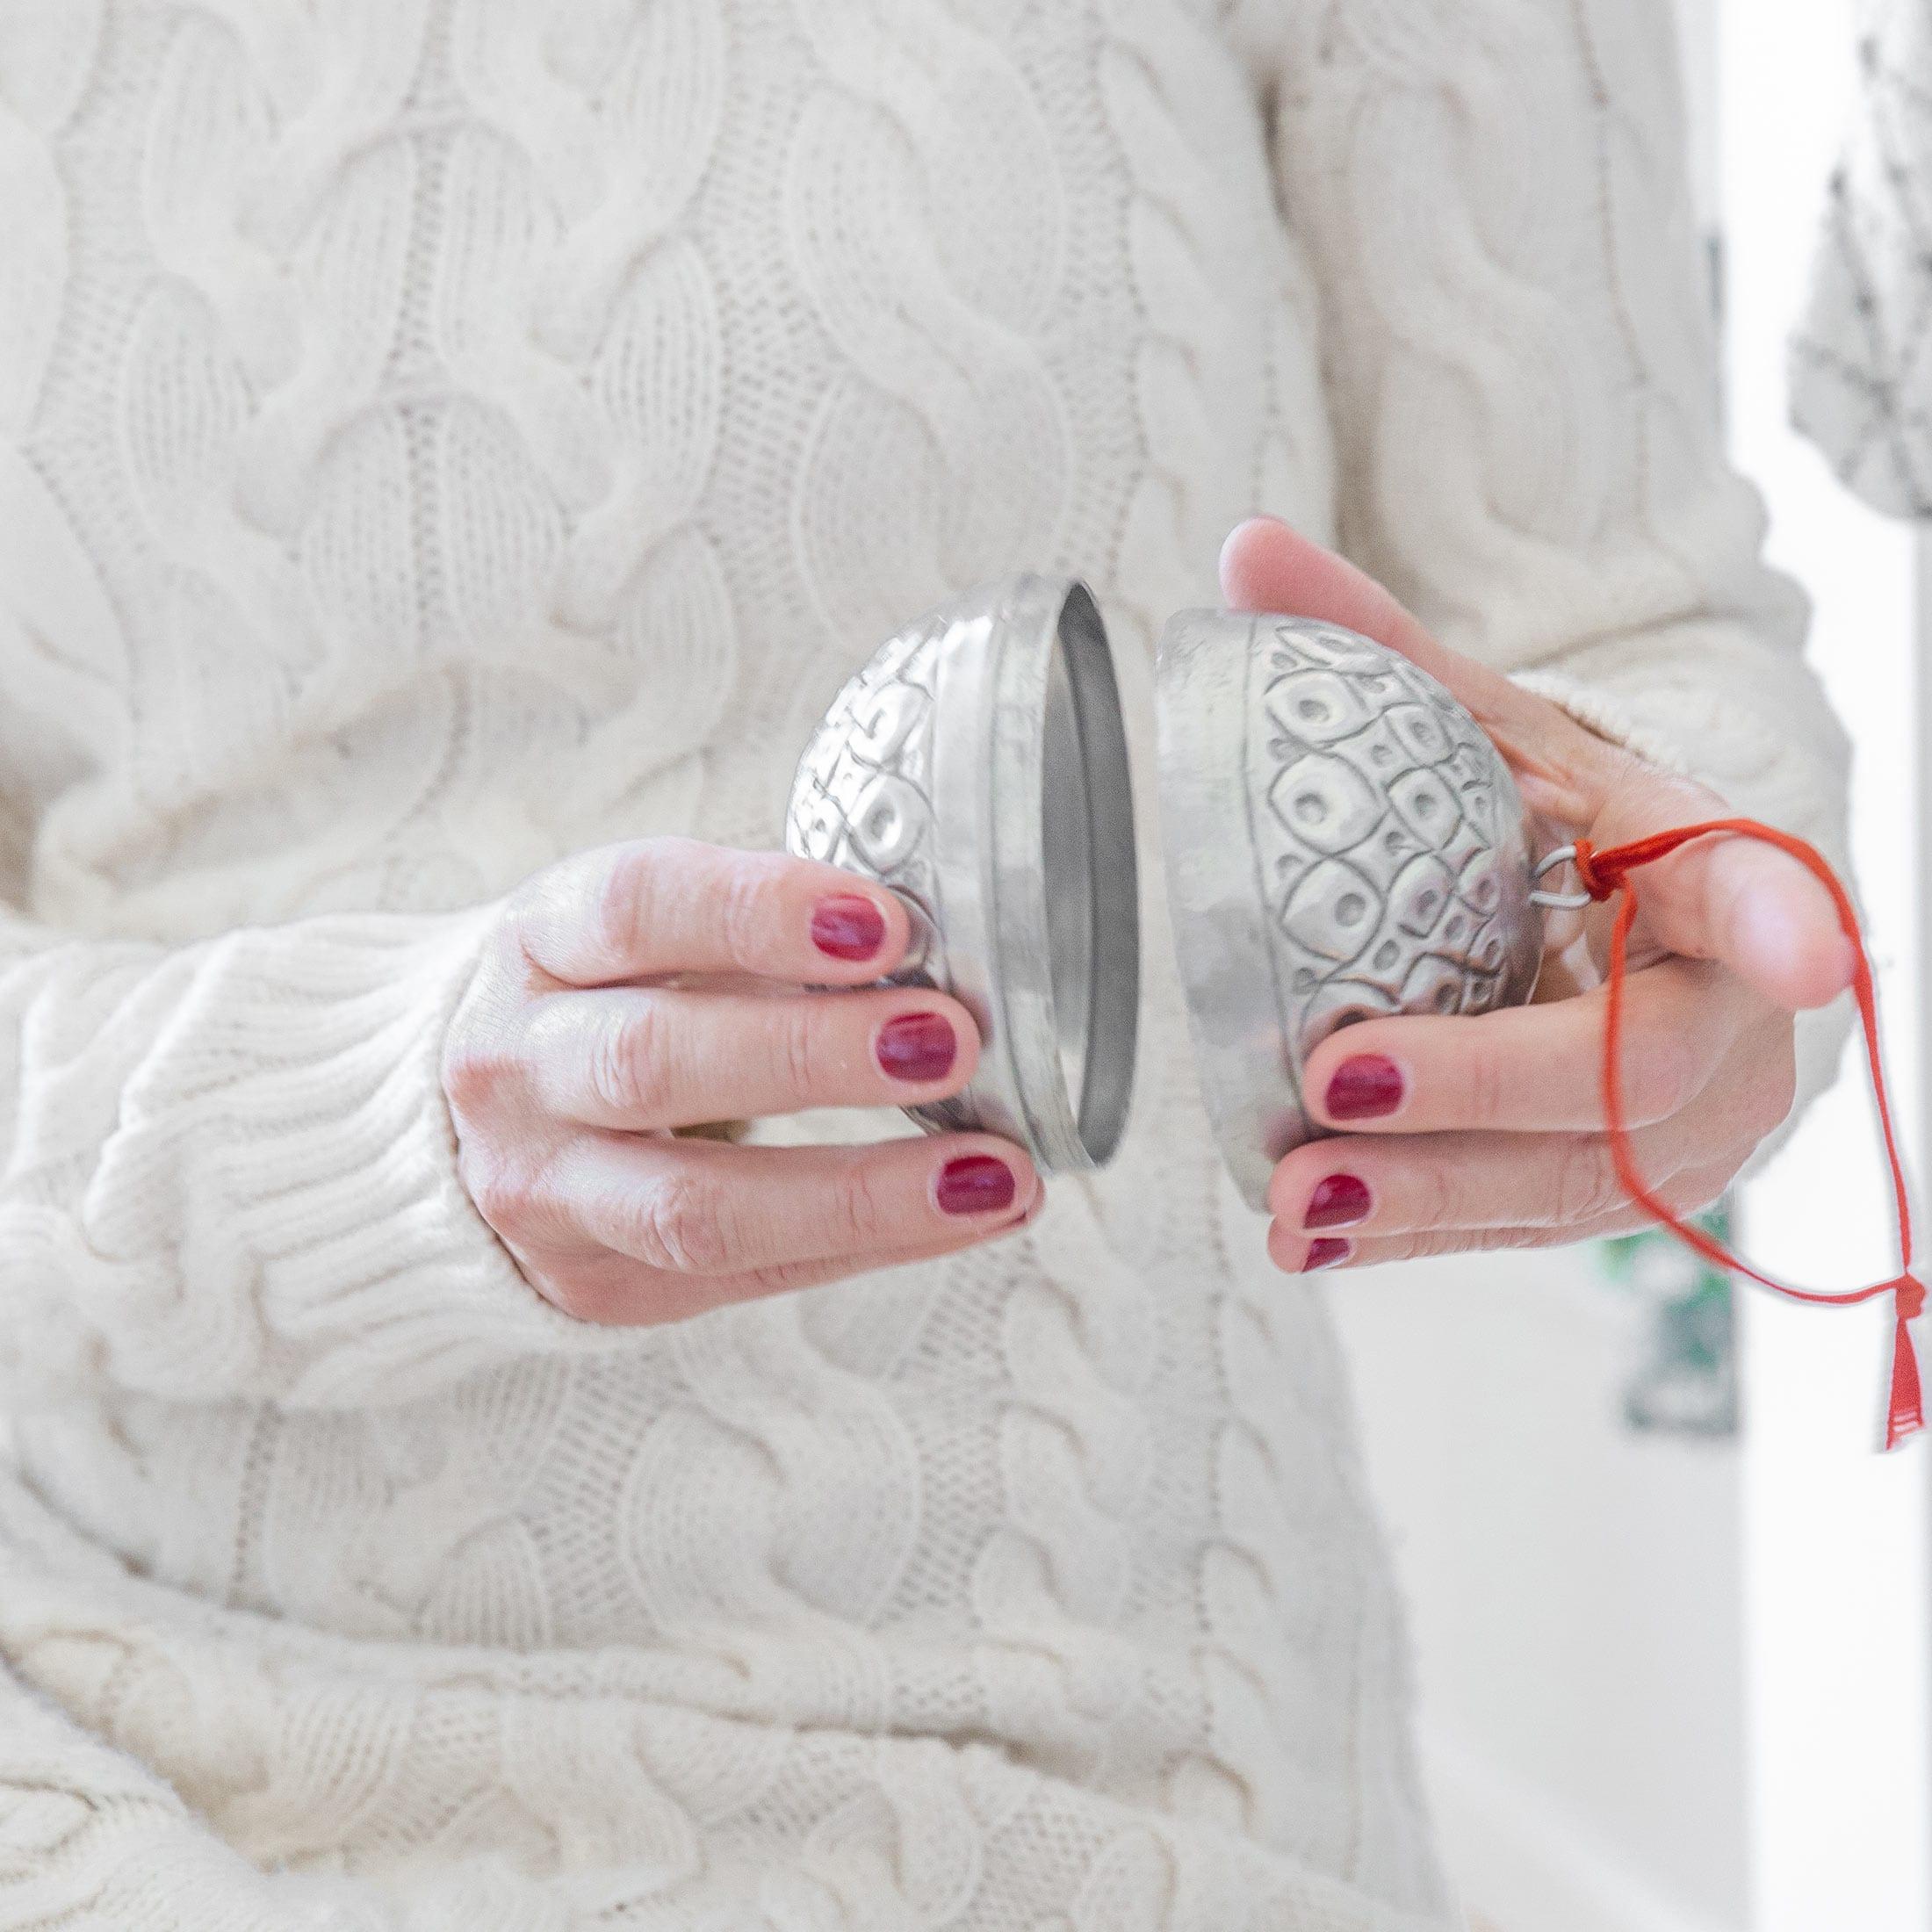 Christbaumschmuck aus Marokko in Silber ♥ Zum Öffnen und zum Aufhängen. Kleine Geschenke in den silbernen Kugeln verpacken. Entdecke die Adventsdeko im Bohemian Wohnstil